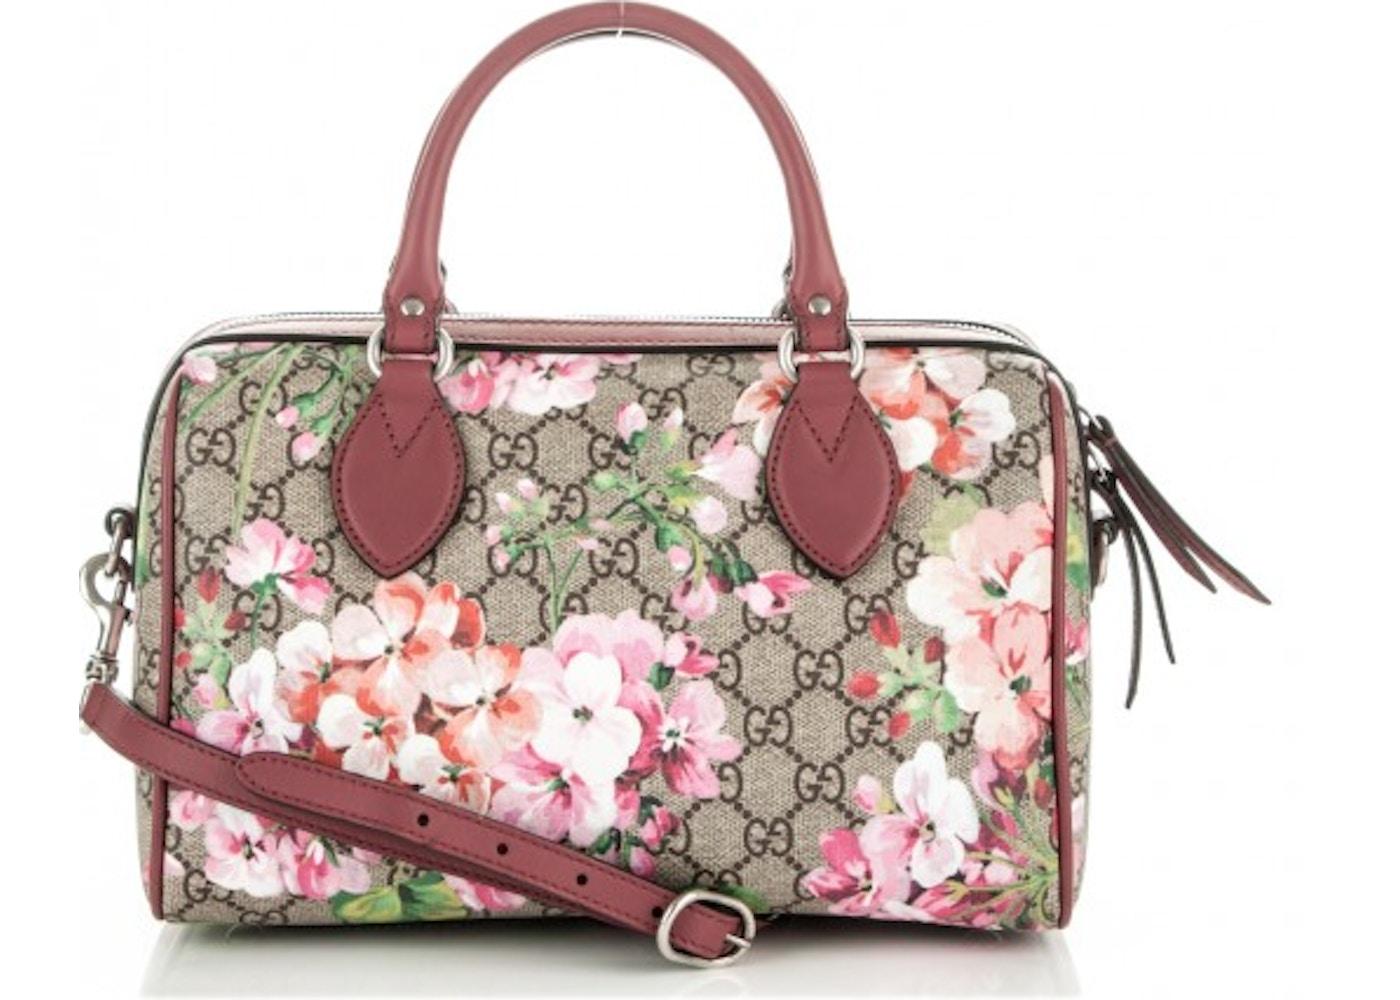 80c4bfaeb7c0 Buy & Sell Gucci Boston Handbags